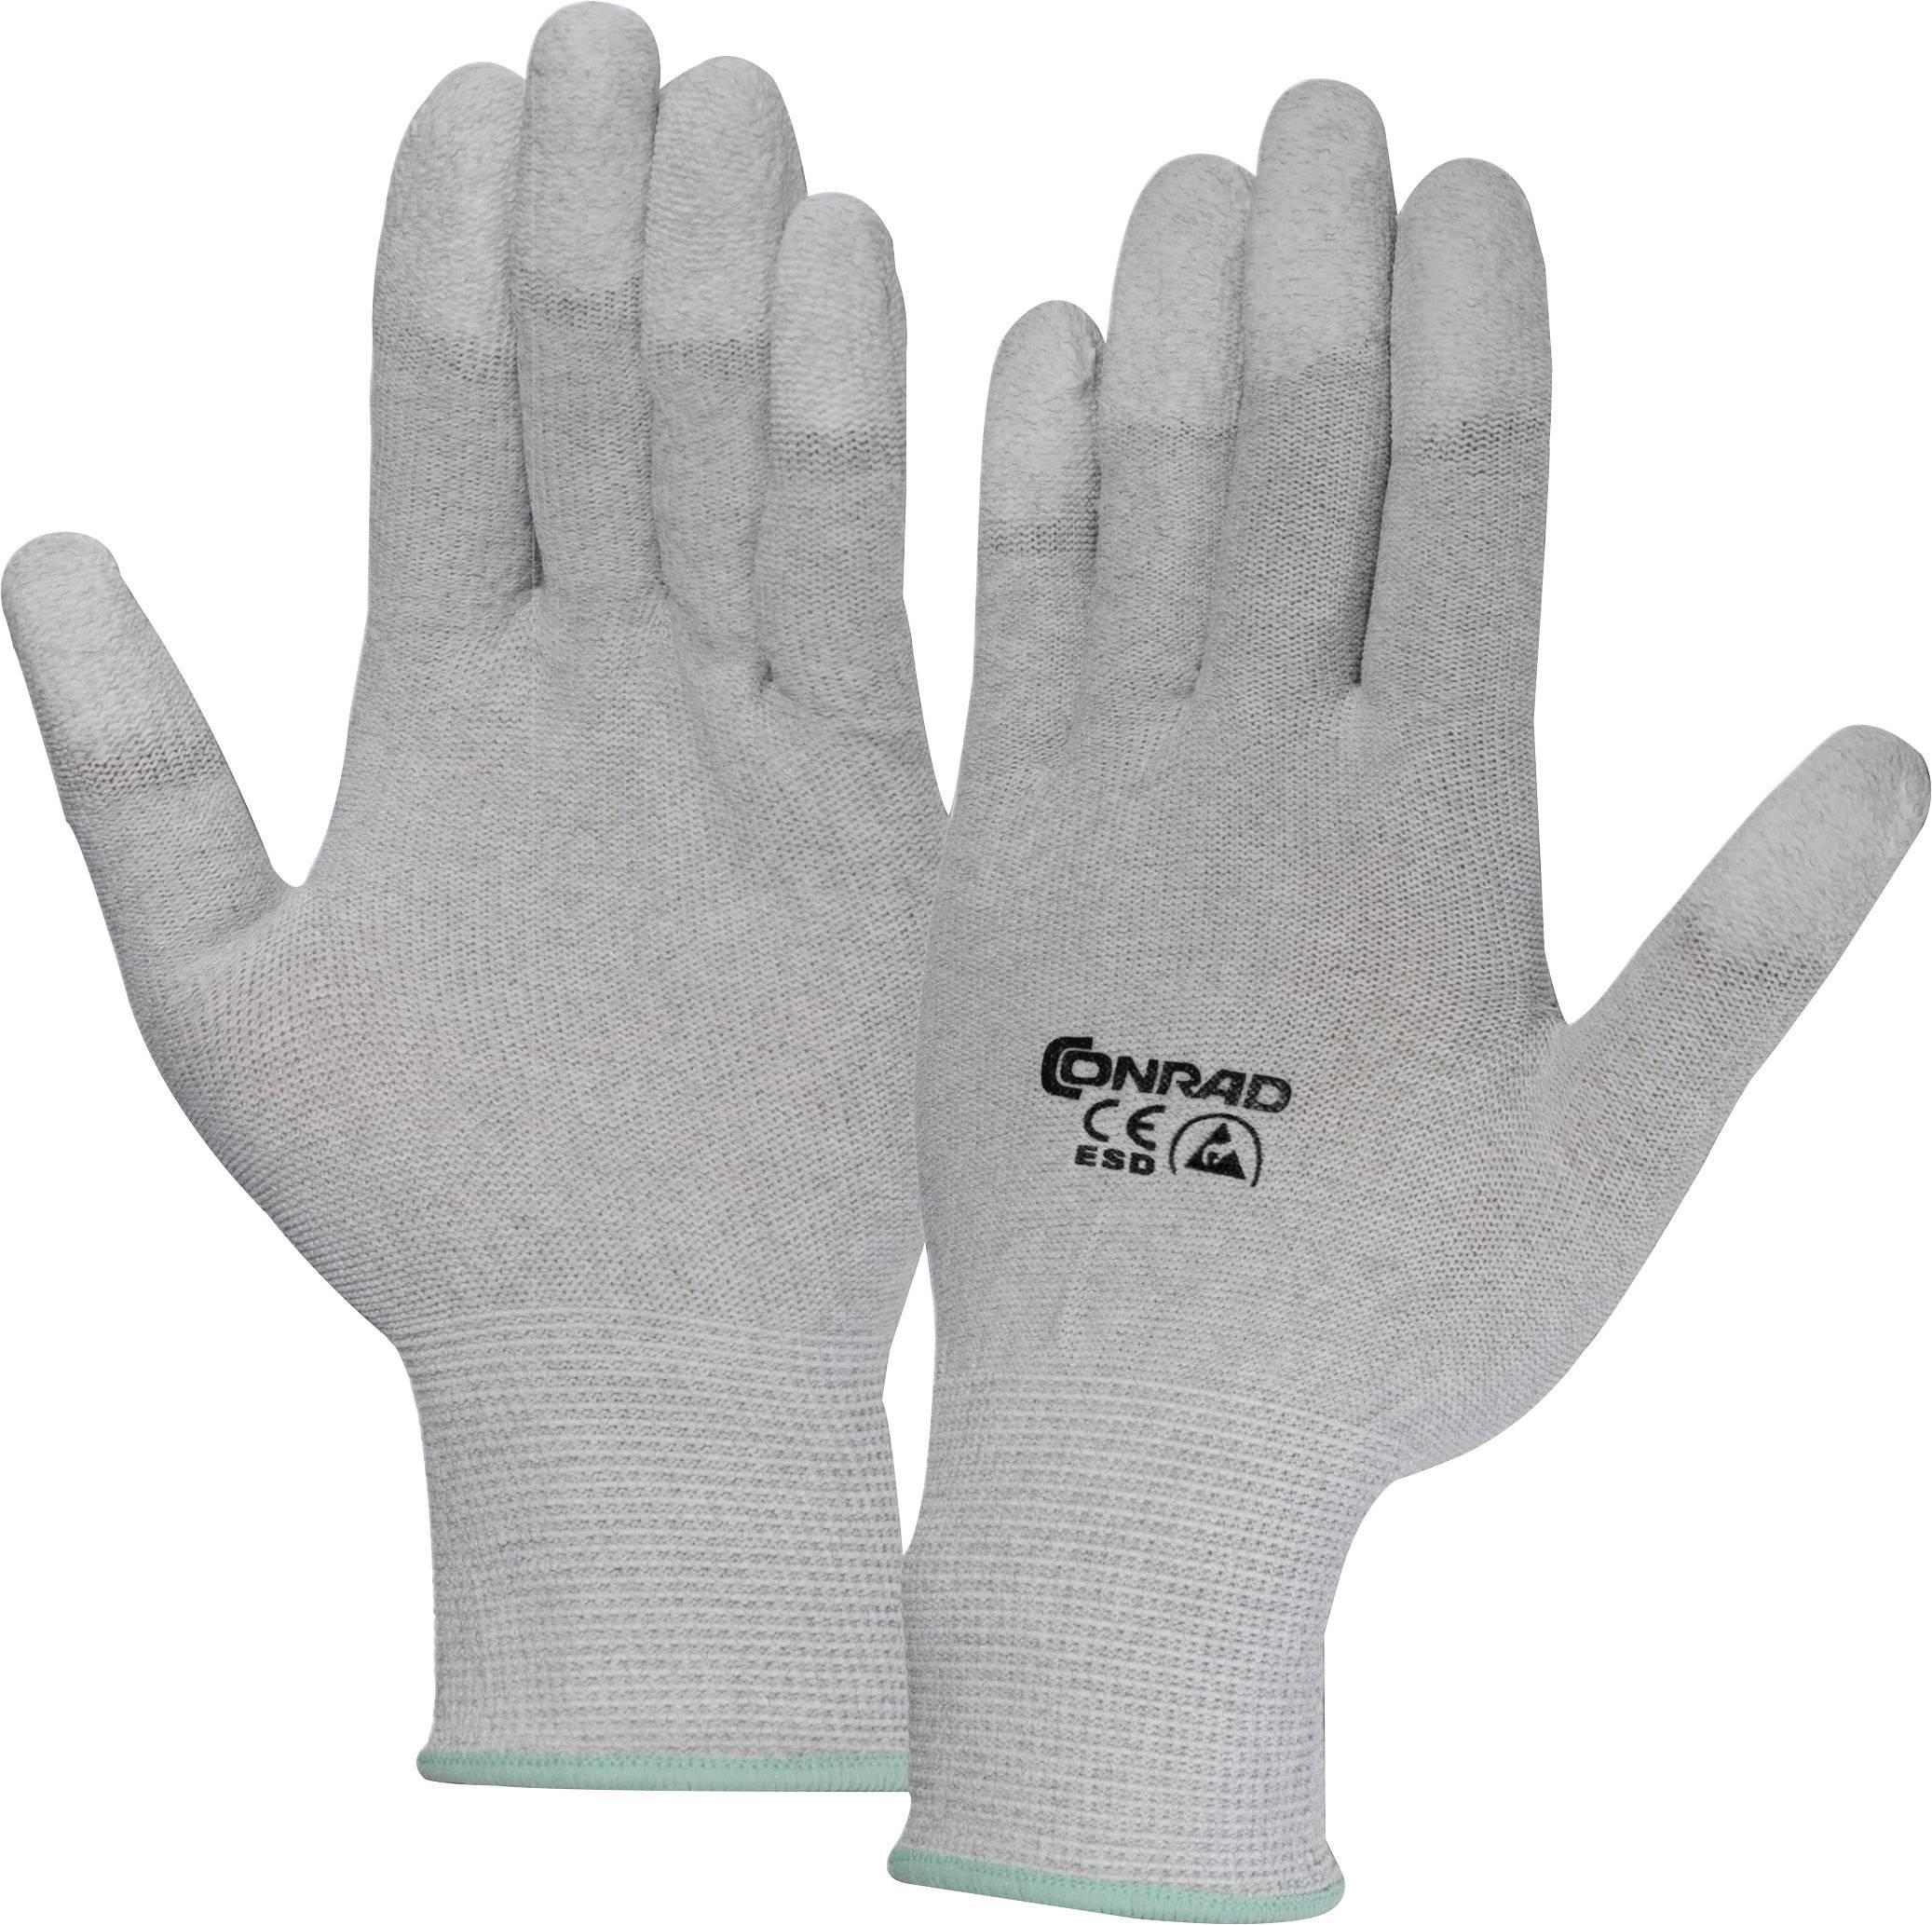 ESD rukavice Conrad Components EPAHA-RL-S, s povrchovou úpravou na špičkách prstů, vel. S, polyamid